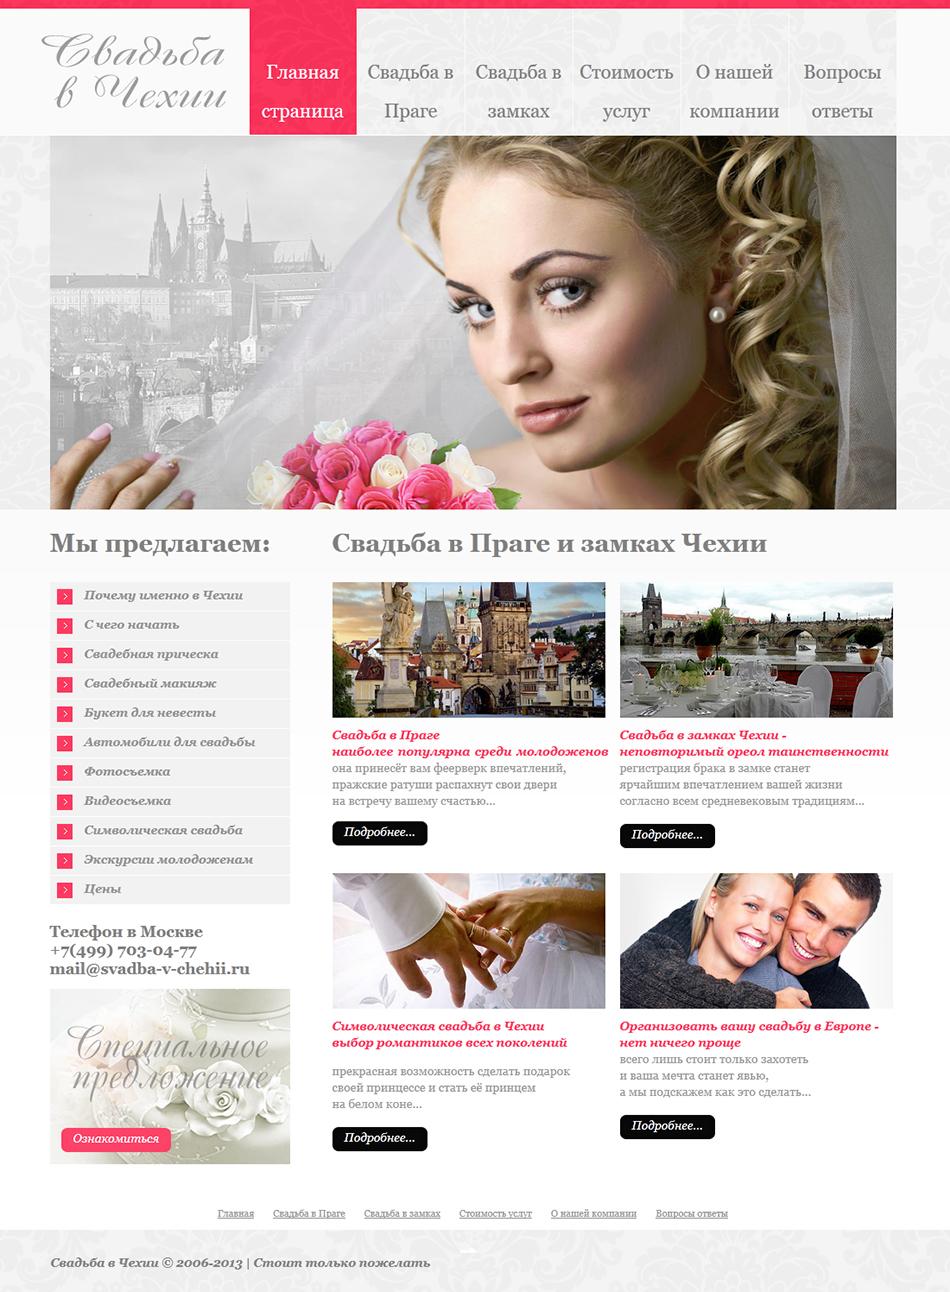 Свадьба в Праге и замках Чехии